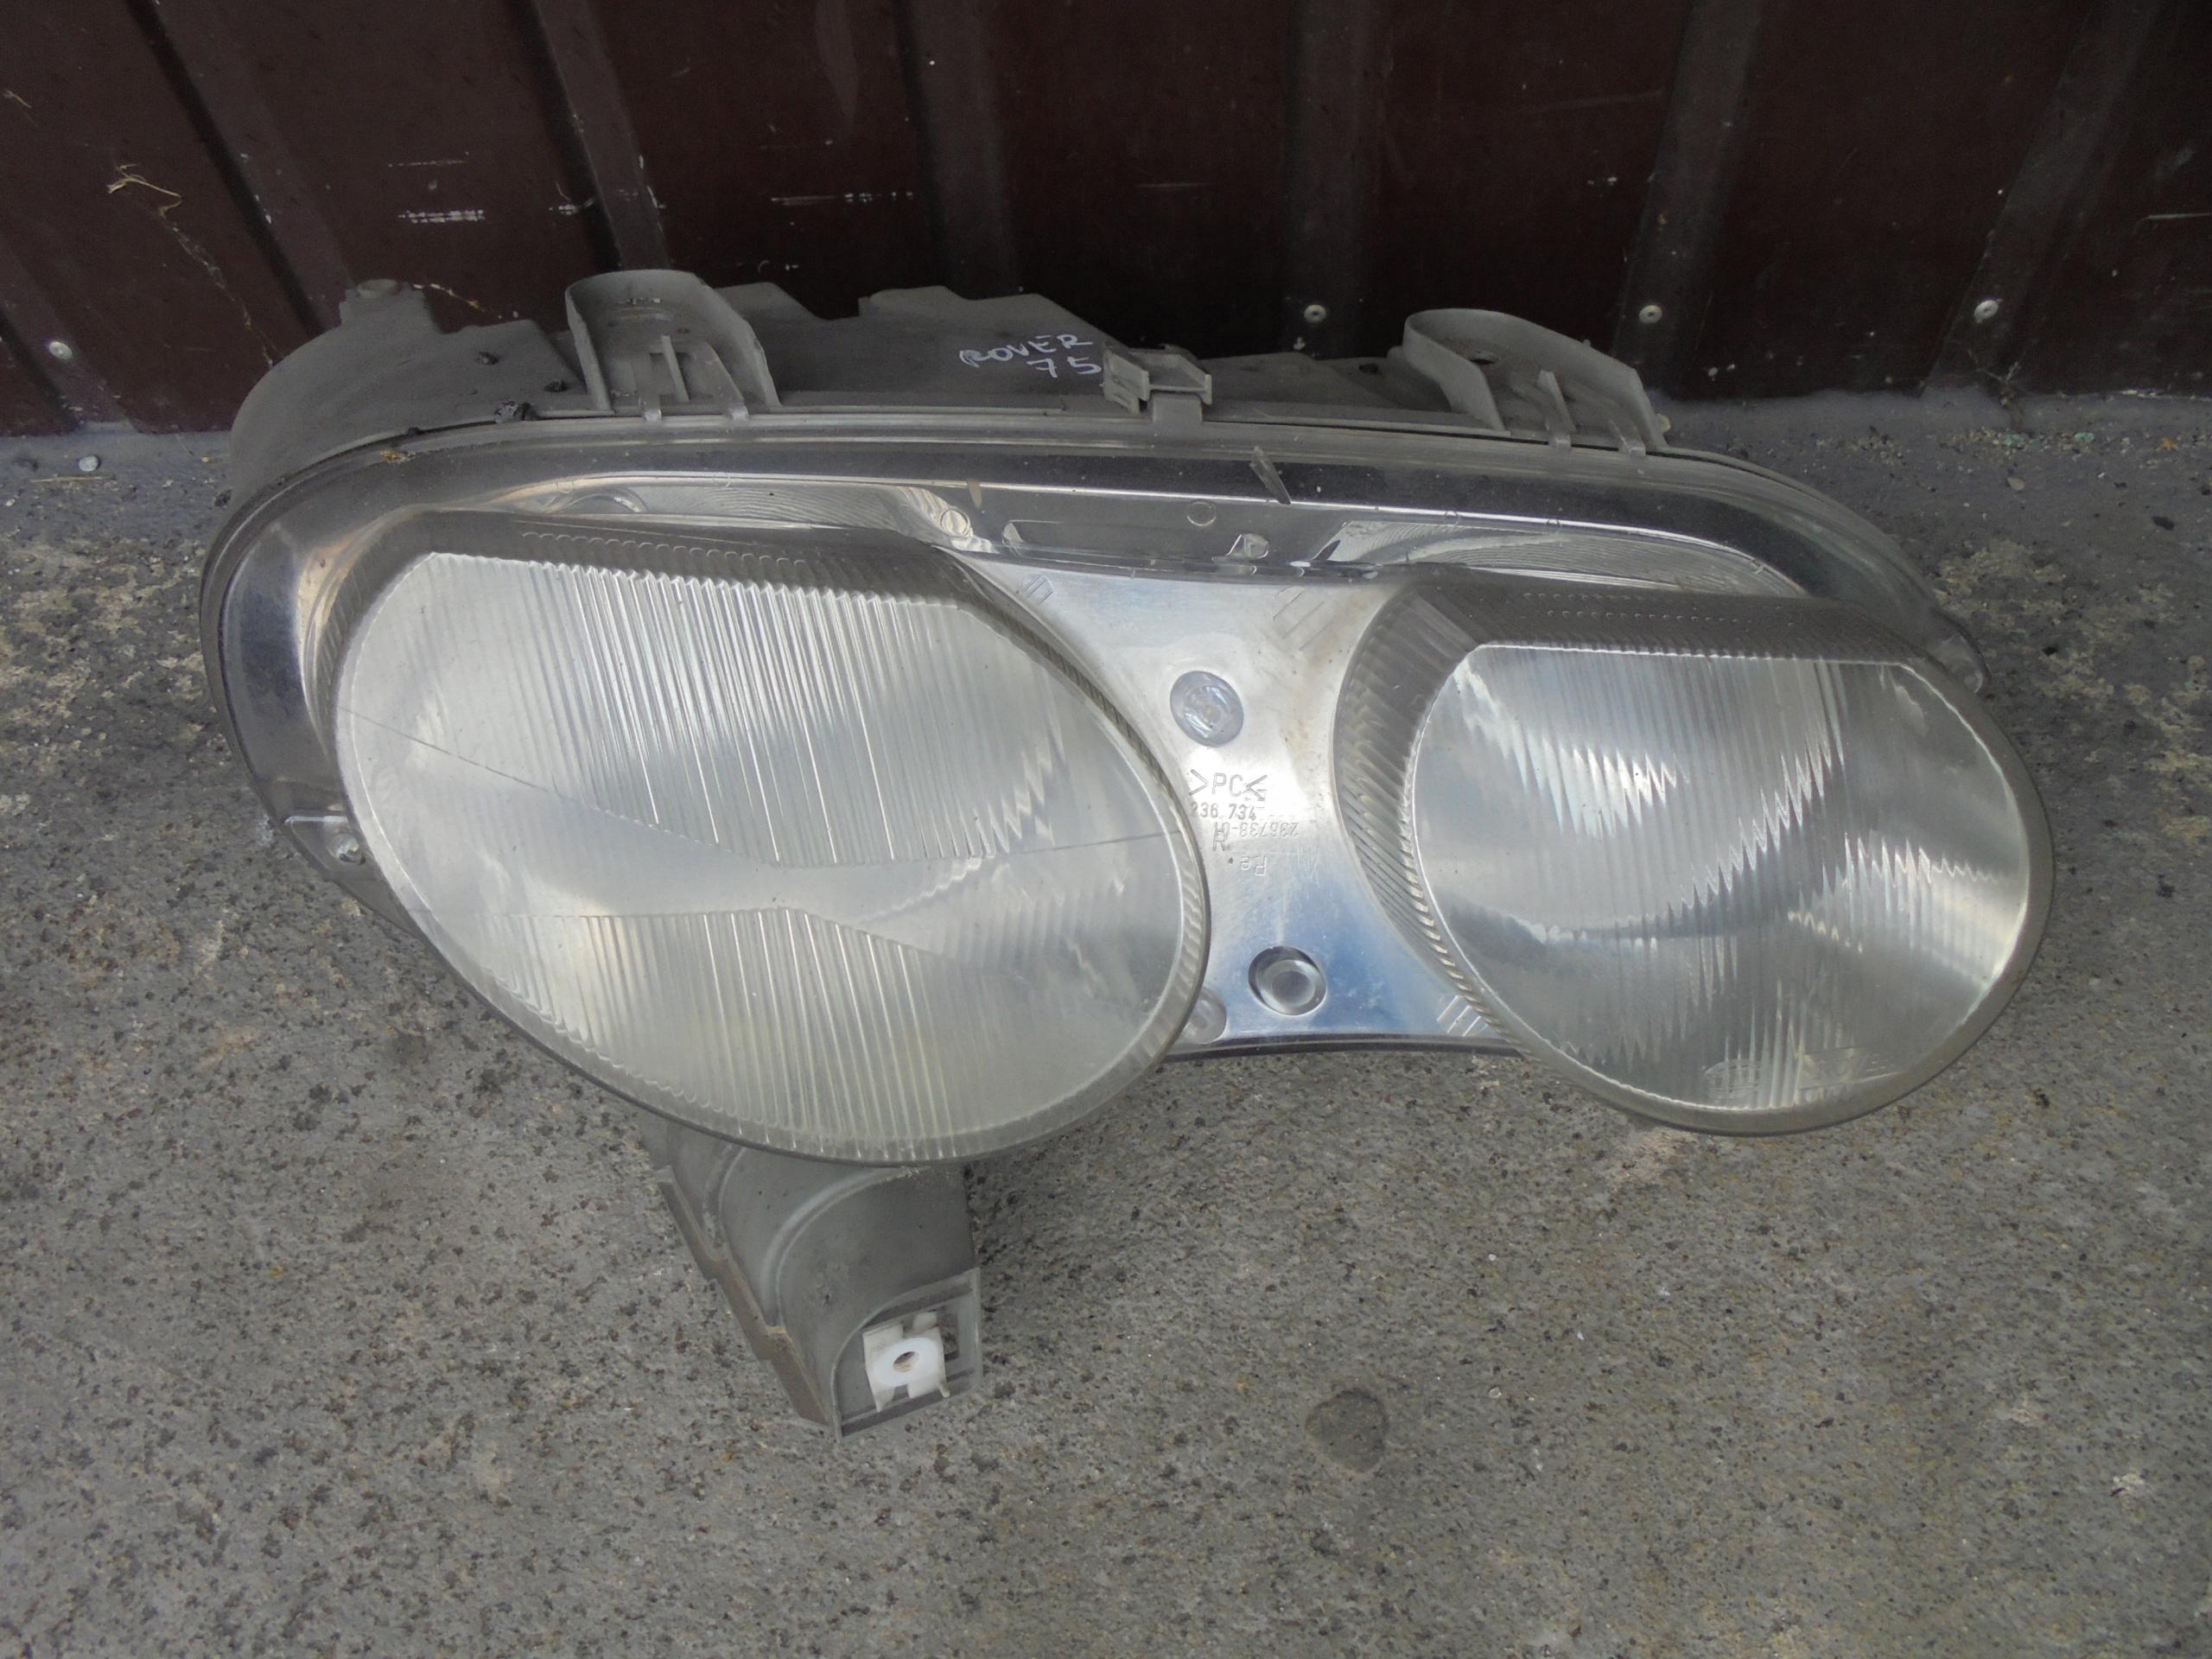 Lampa Prawa Przednia Przód Rover 75 7585162545 Oficjalne